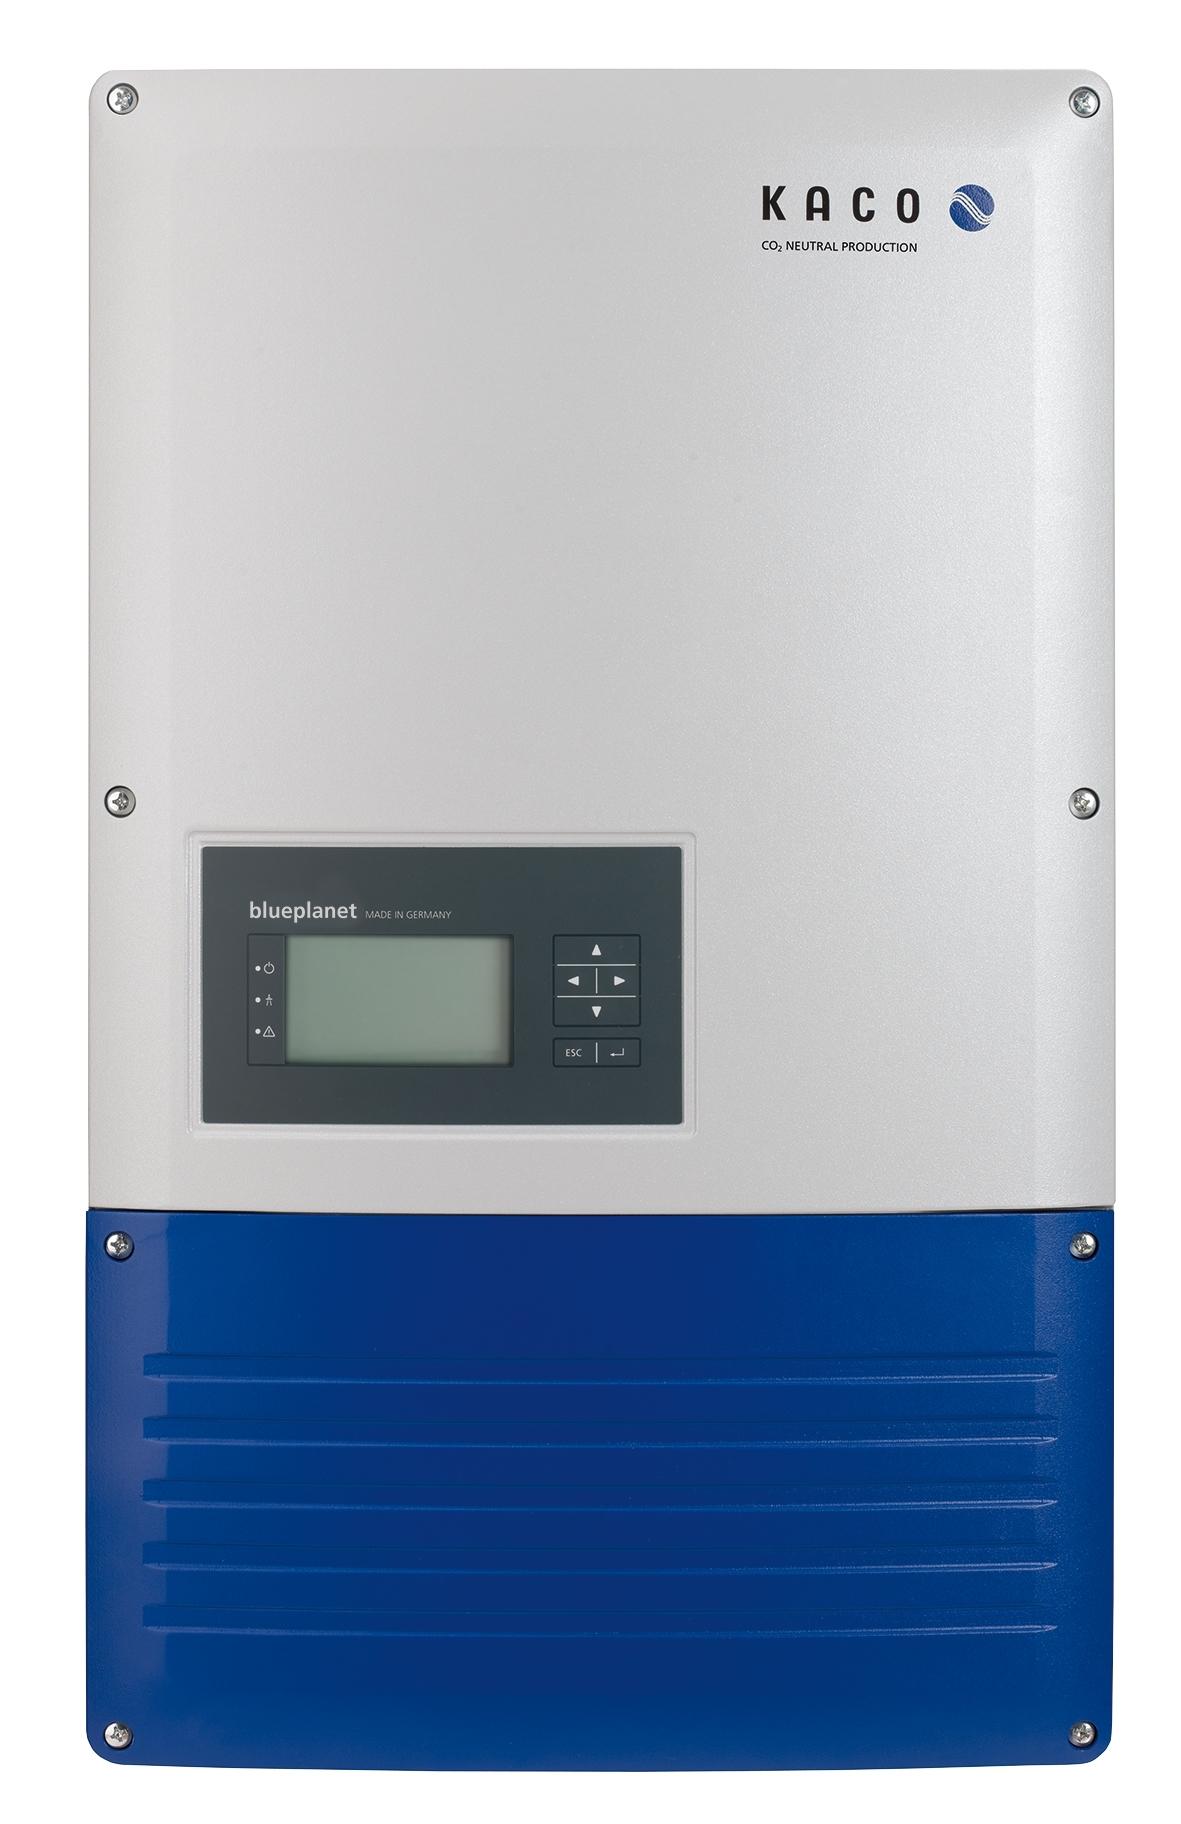 Kaco étend son offre d'onduleurs triphasés 8,6 à 20 kW